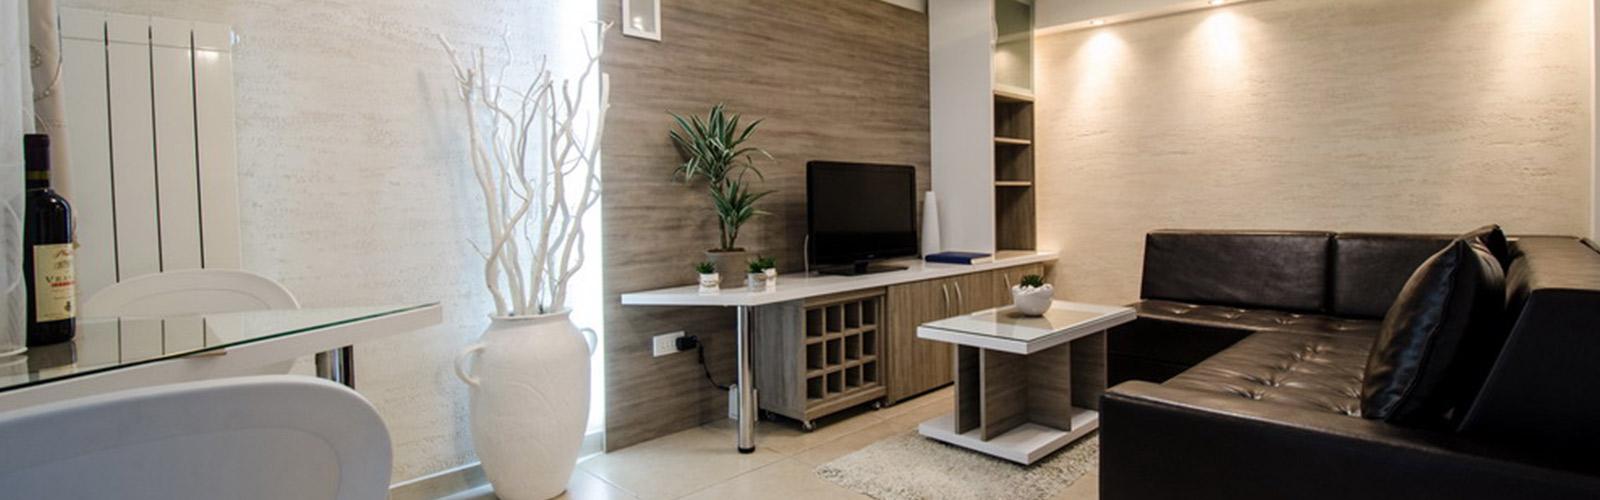 Concierge Belgrade | Apartman Delta Top 10